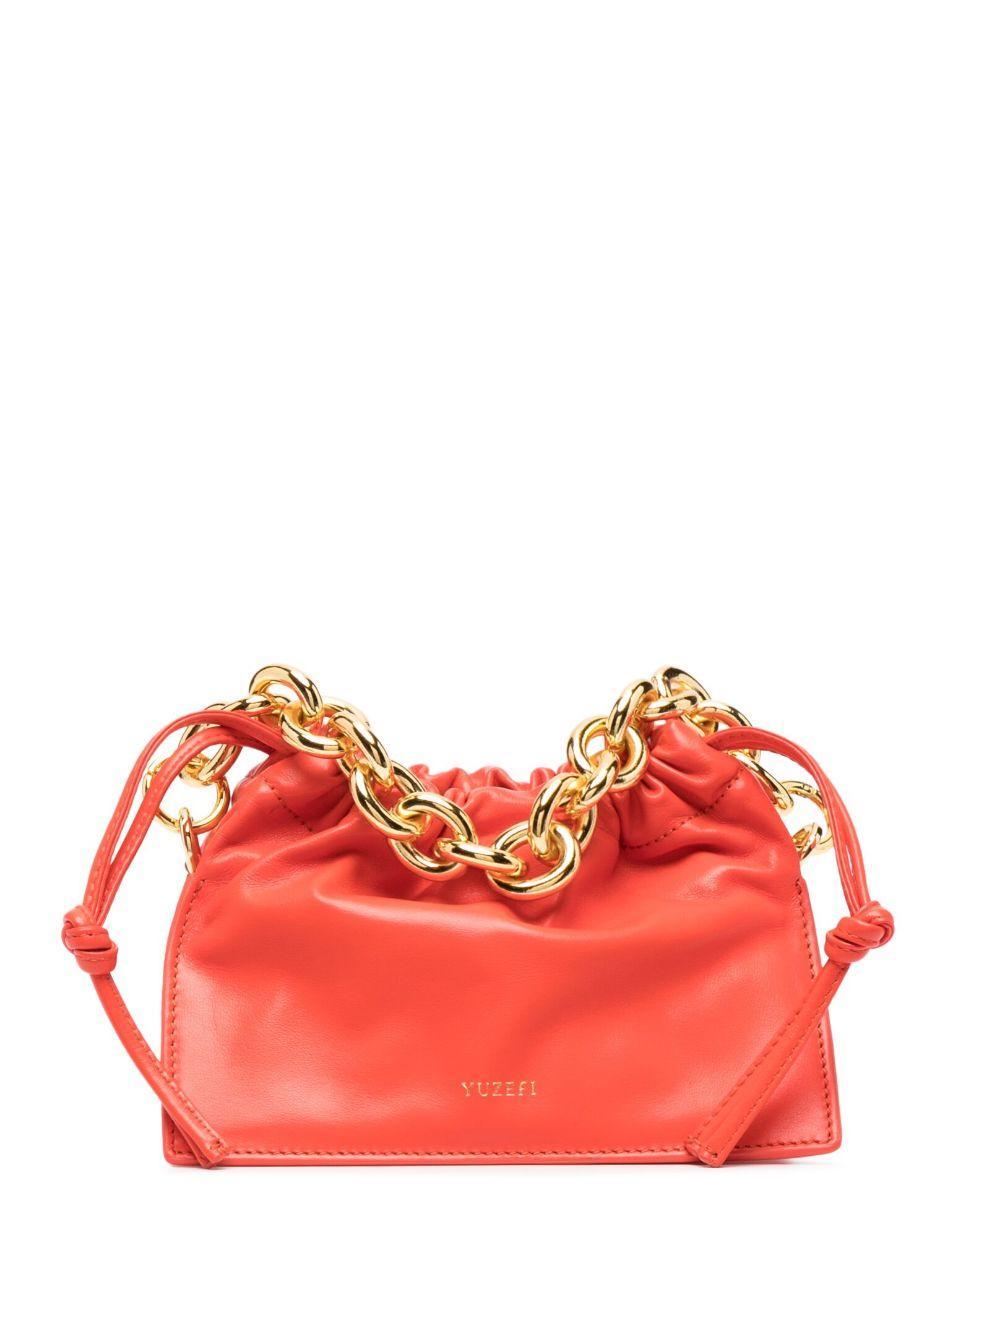 Mini Bom Bag Item # YUZSS21-HB-MB-07